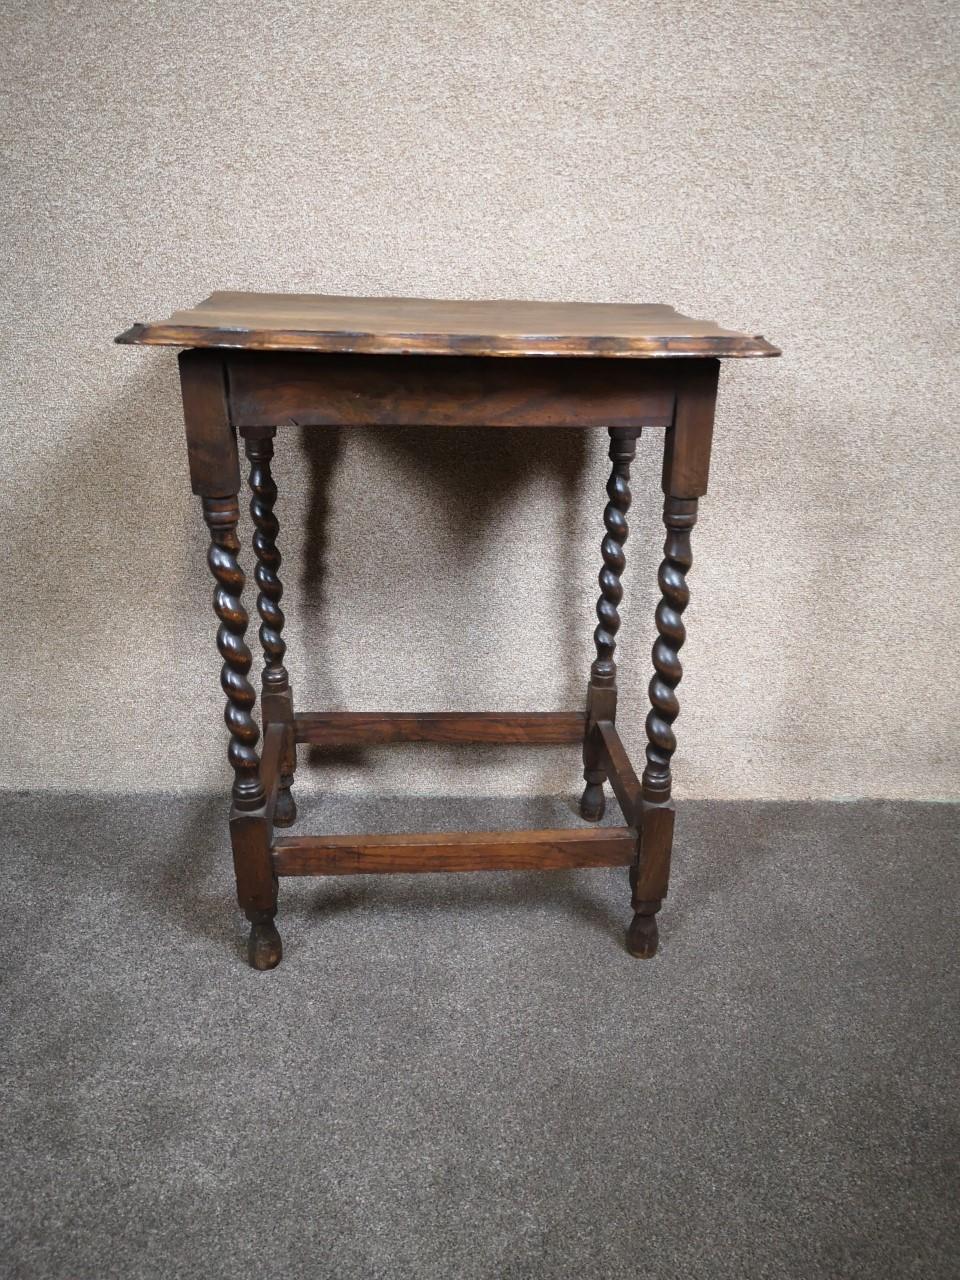 Oak barley twist table画像